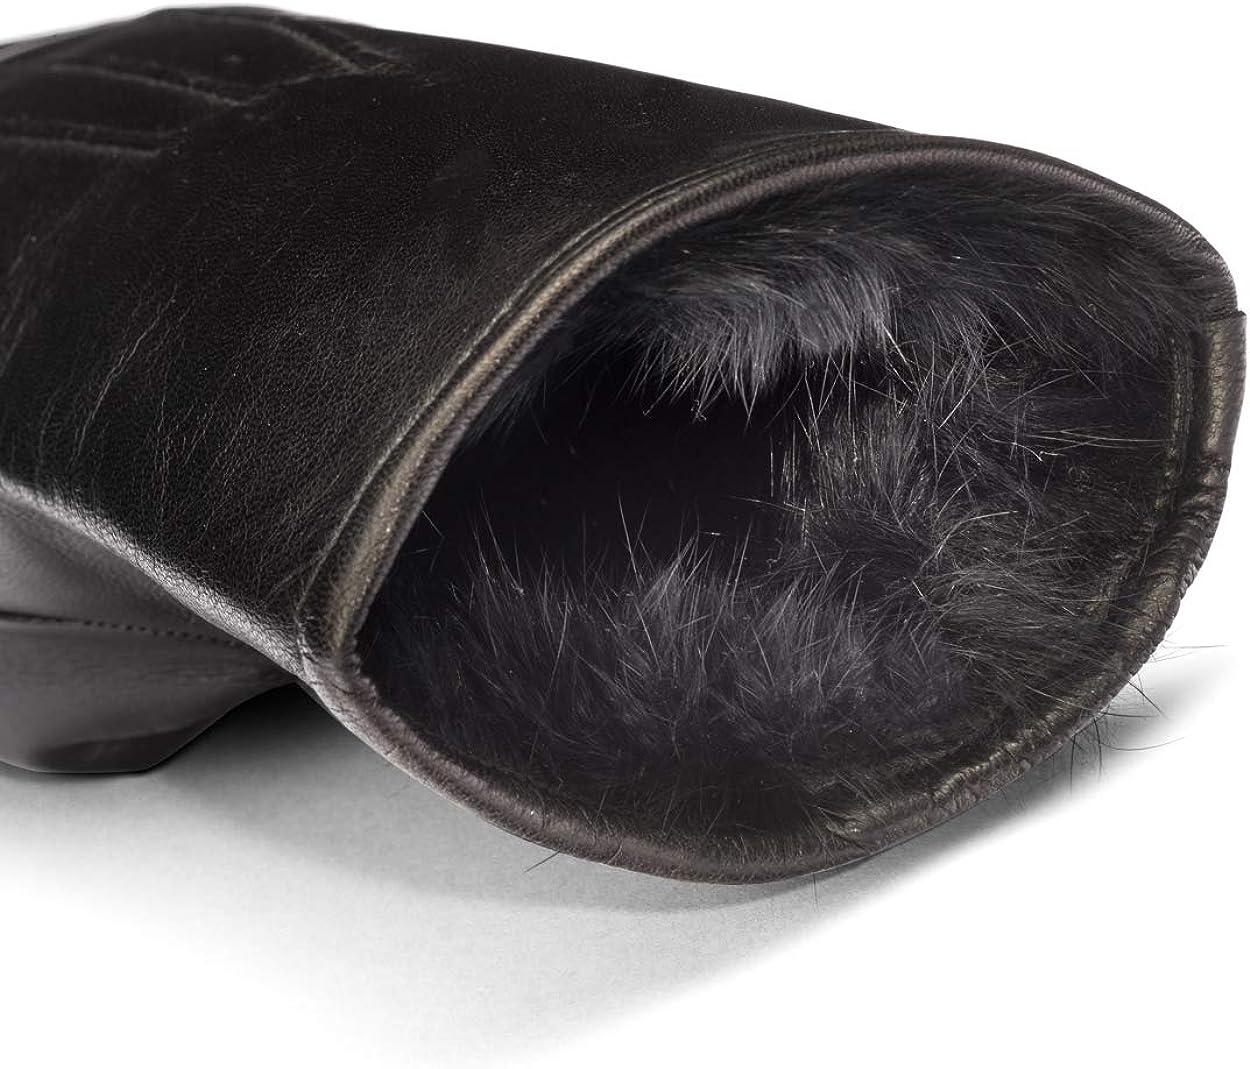 SAGEBROWN Black Mens Rabbit Fur Lined Gloves